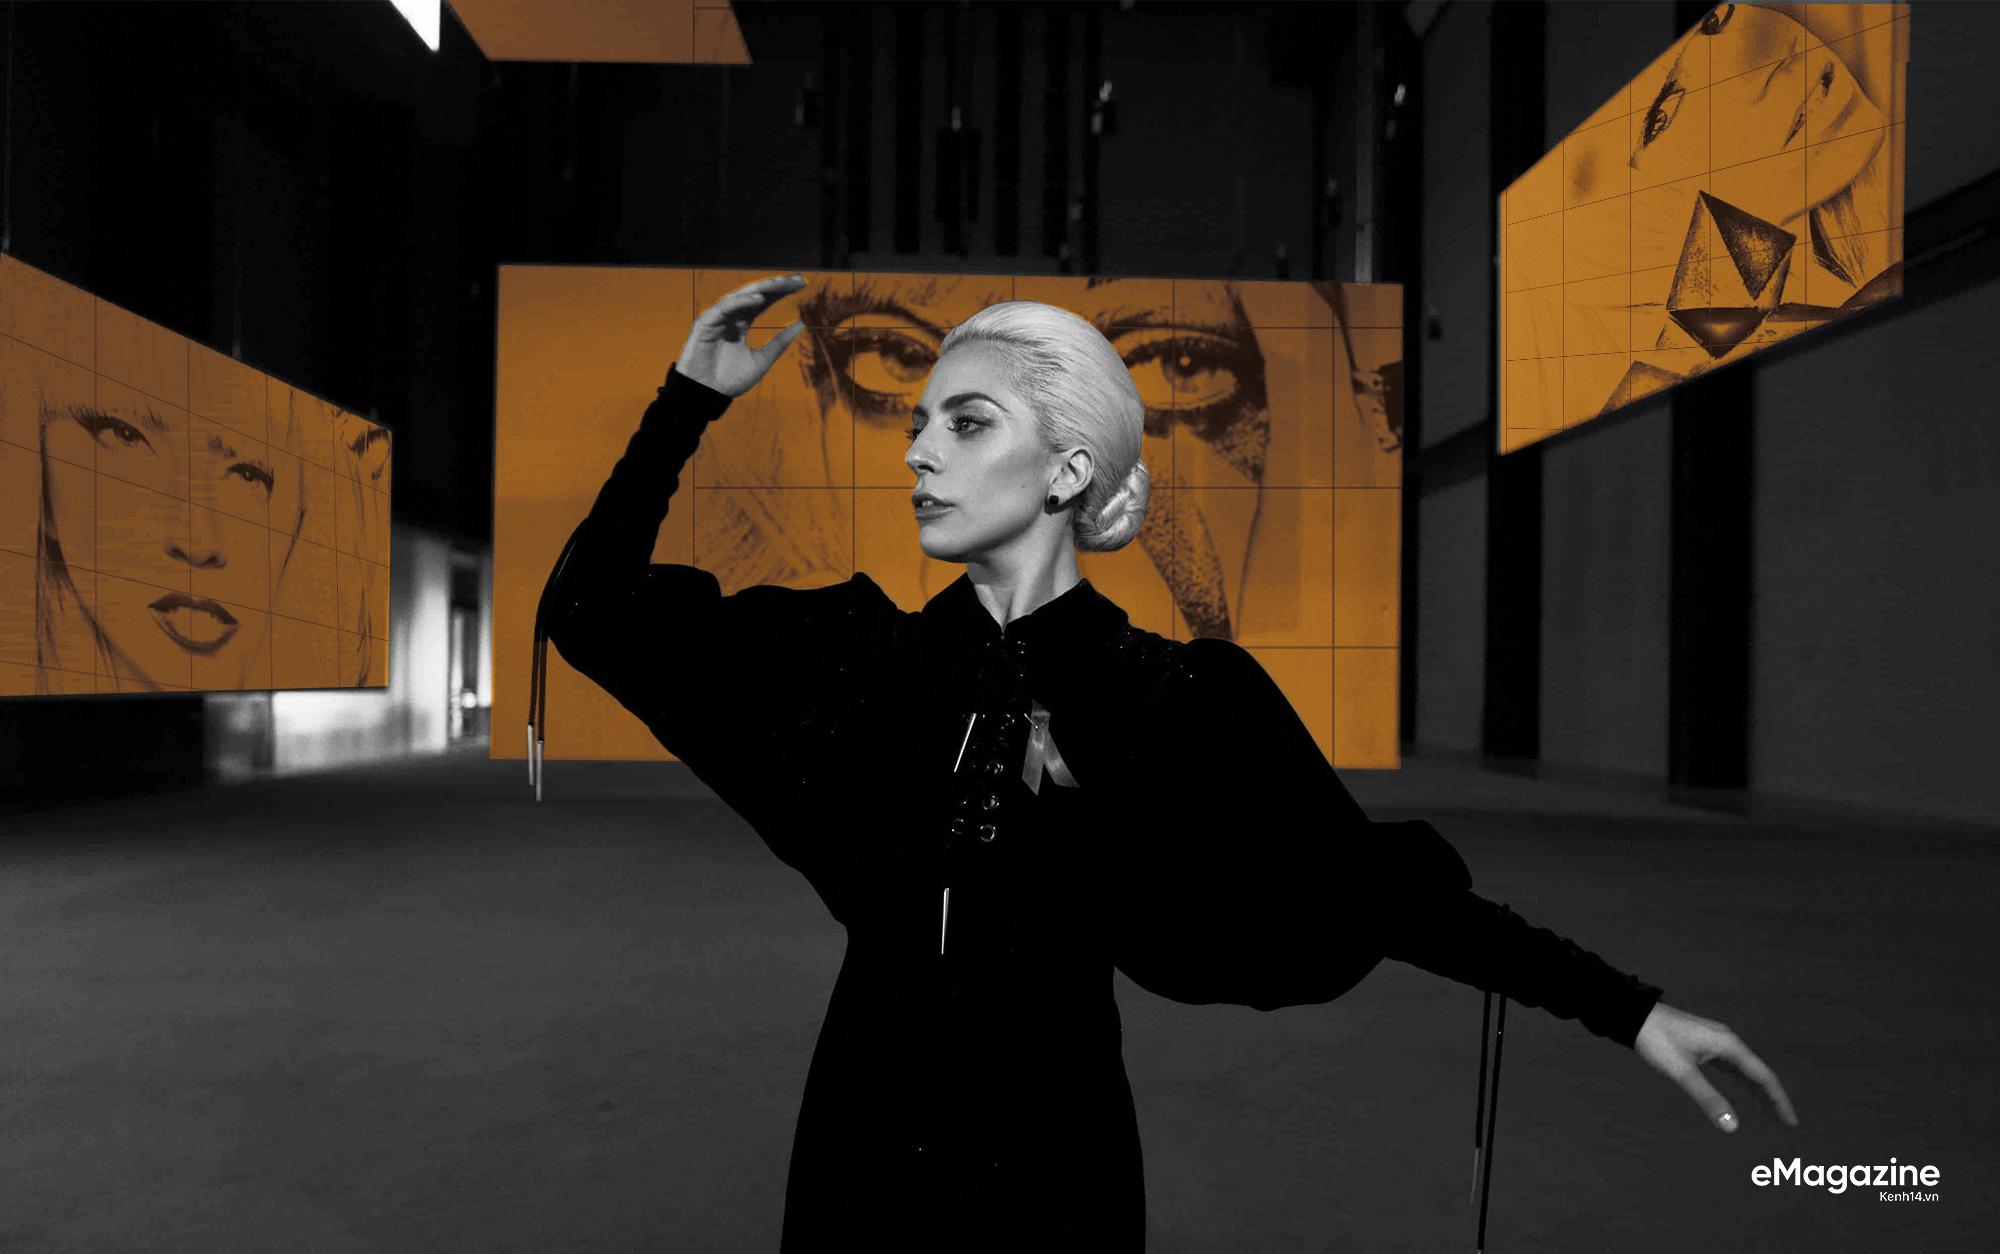 Chuyện chủ nhân 10 tượng vàng Grammy, Oscar Lady Gaga: Người đàn bà dị biệt đã khiến cả thế giới phải nể phục như thế nào? - Ảnh 9.